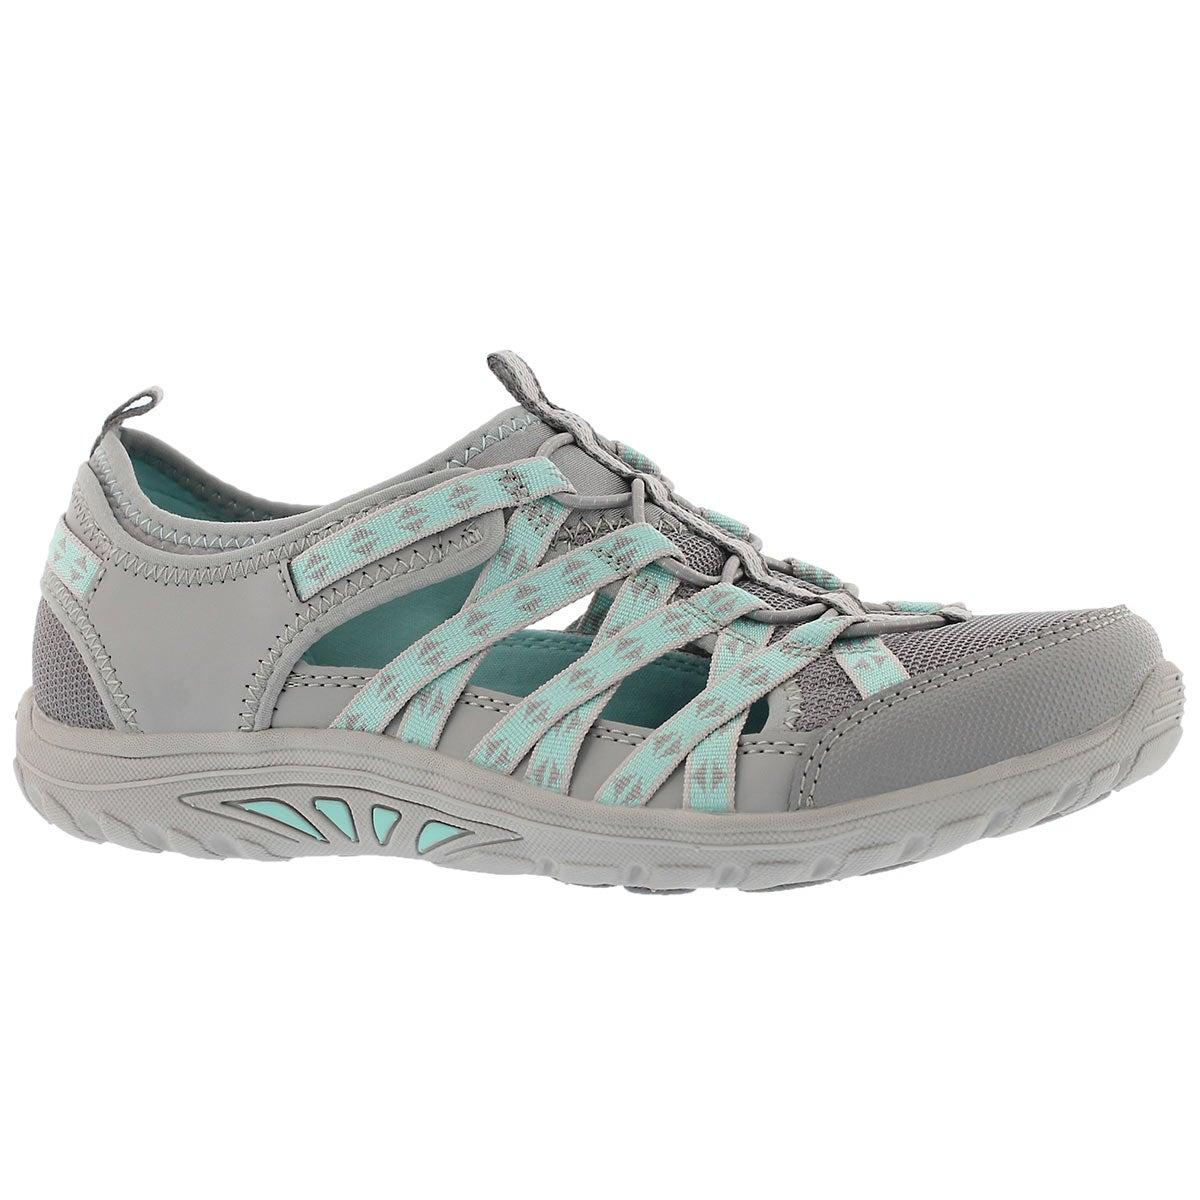 Women's REGGAE FEST DORY grey fisherman sandals